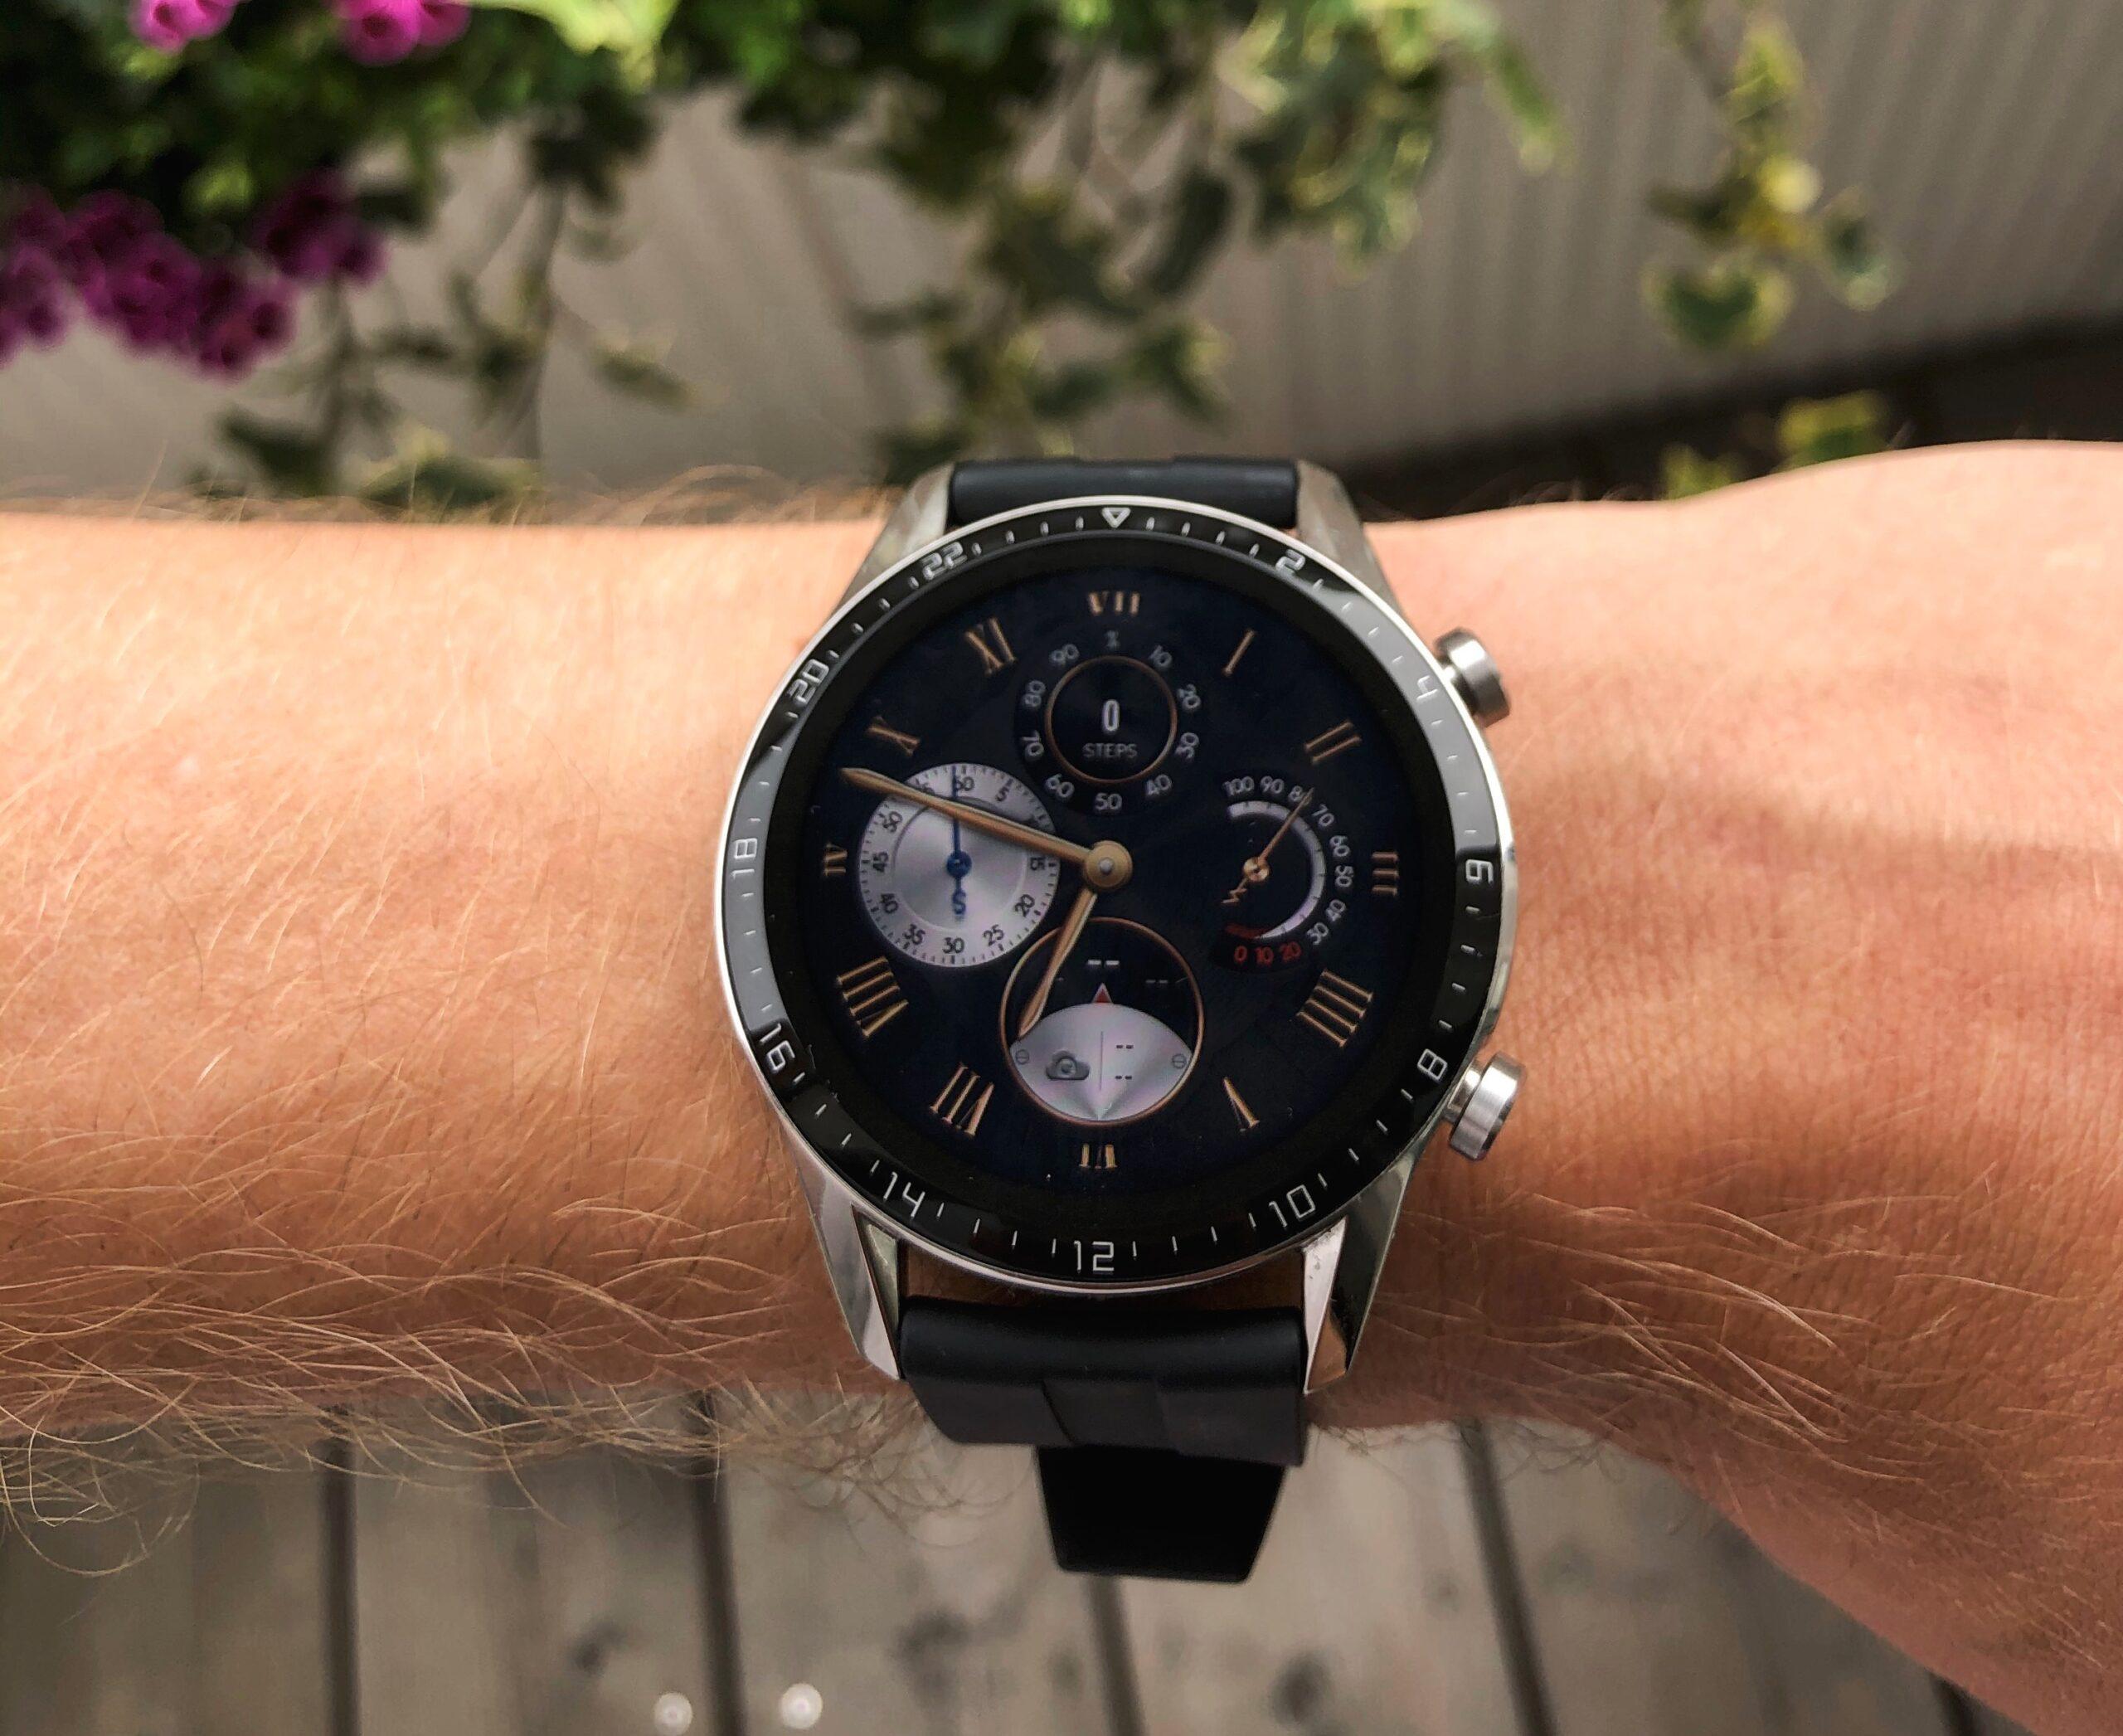 Katsaus: HUAWEI Watch GT 2 – Onko älykellosta kelloharrastajan sporttikelloksi?